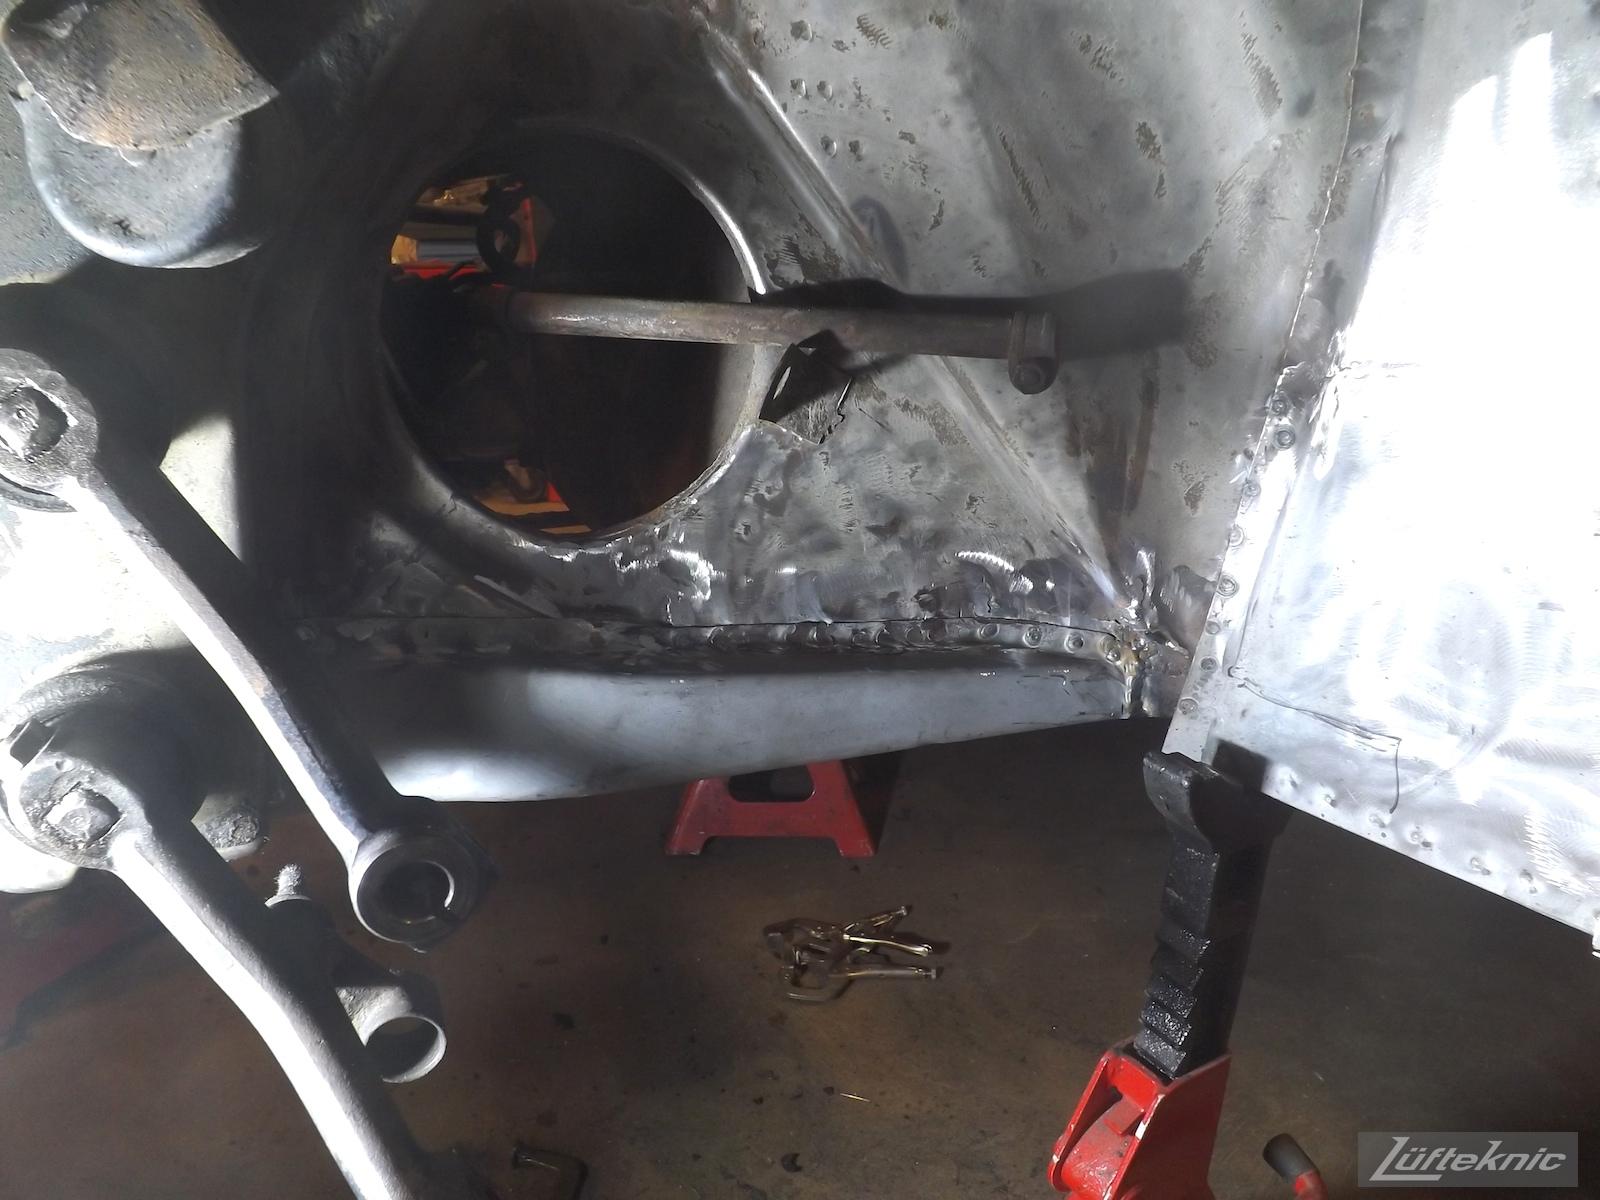 Frame repair on a White 1964 Porsche 356SC being restored.